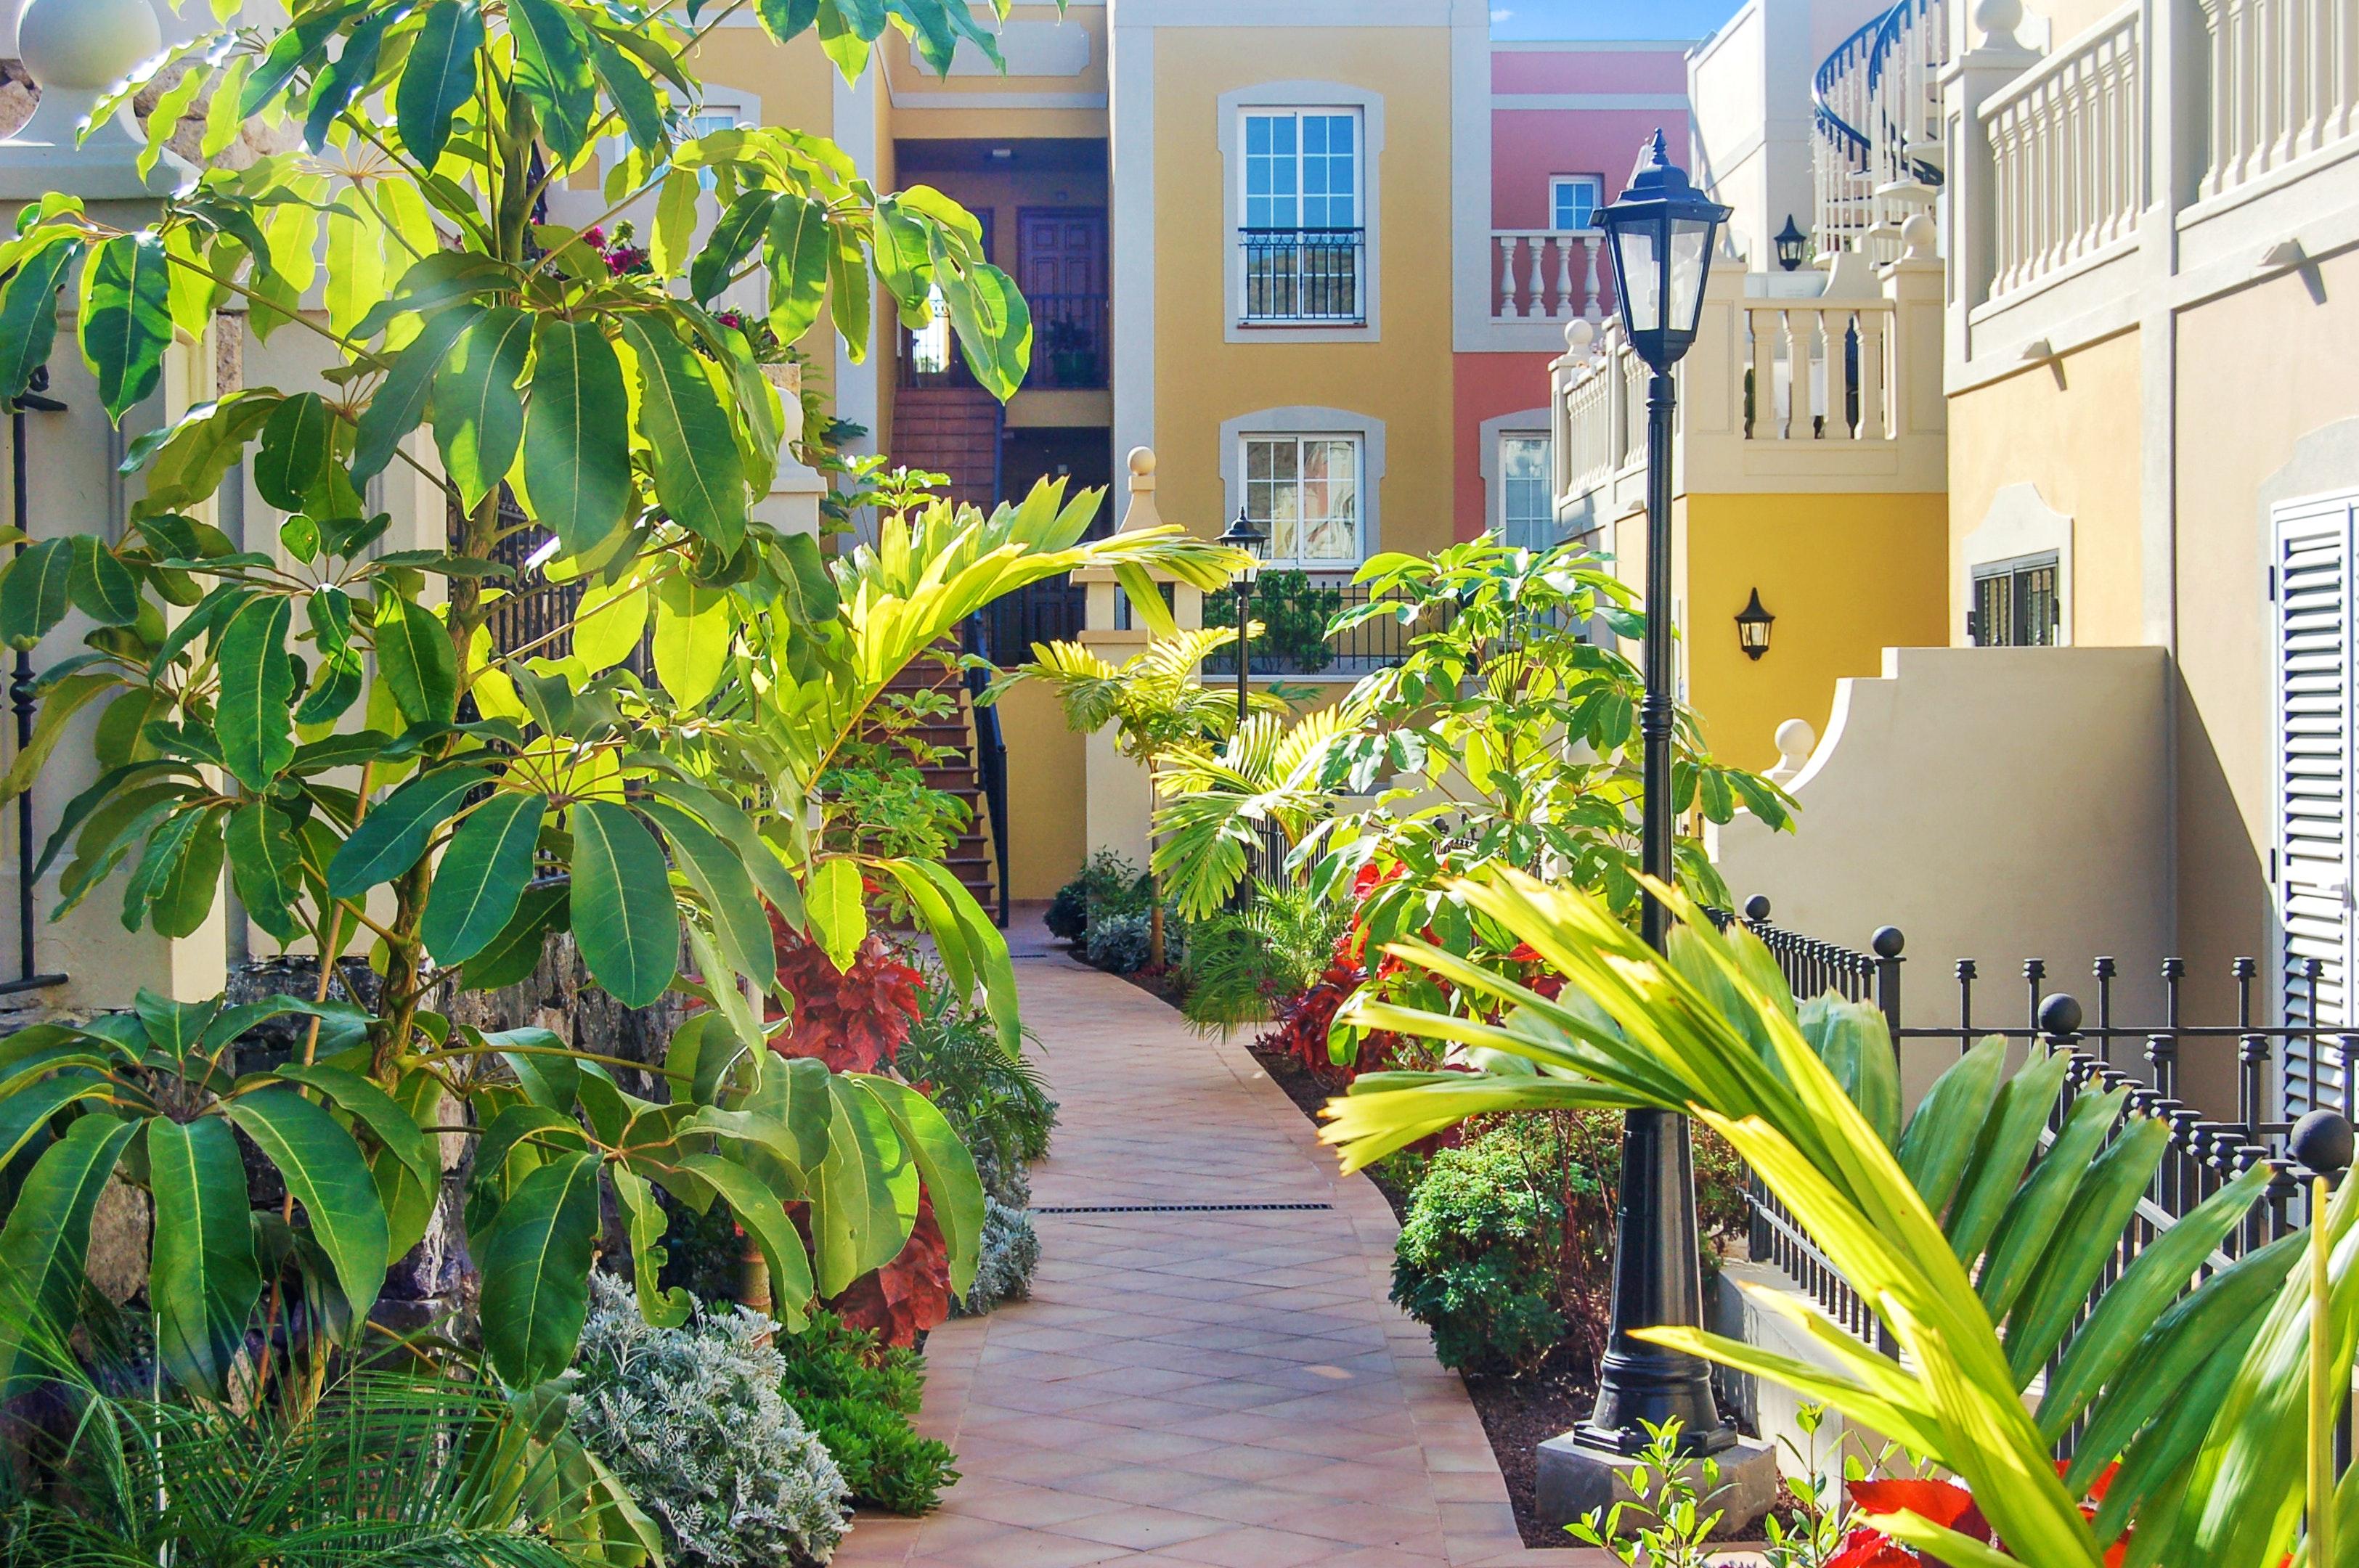 Appartement de vacances Wohnung mit 2 Schlafzimmern in Palm-Mar mit Pool, möblierter Terrasse und W-LAN - 800 m vo (2201692), Palm-Mar, Ténérife, Iles Canaries, Espagne, image 21